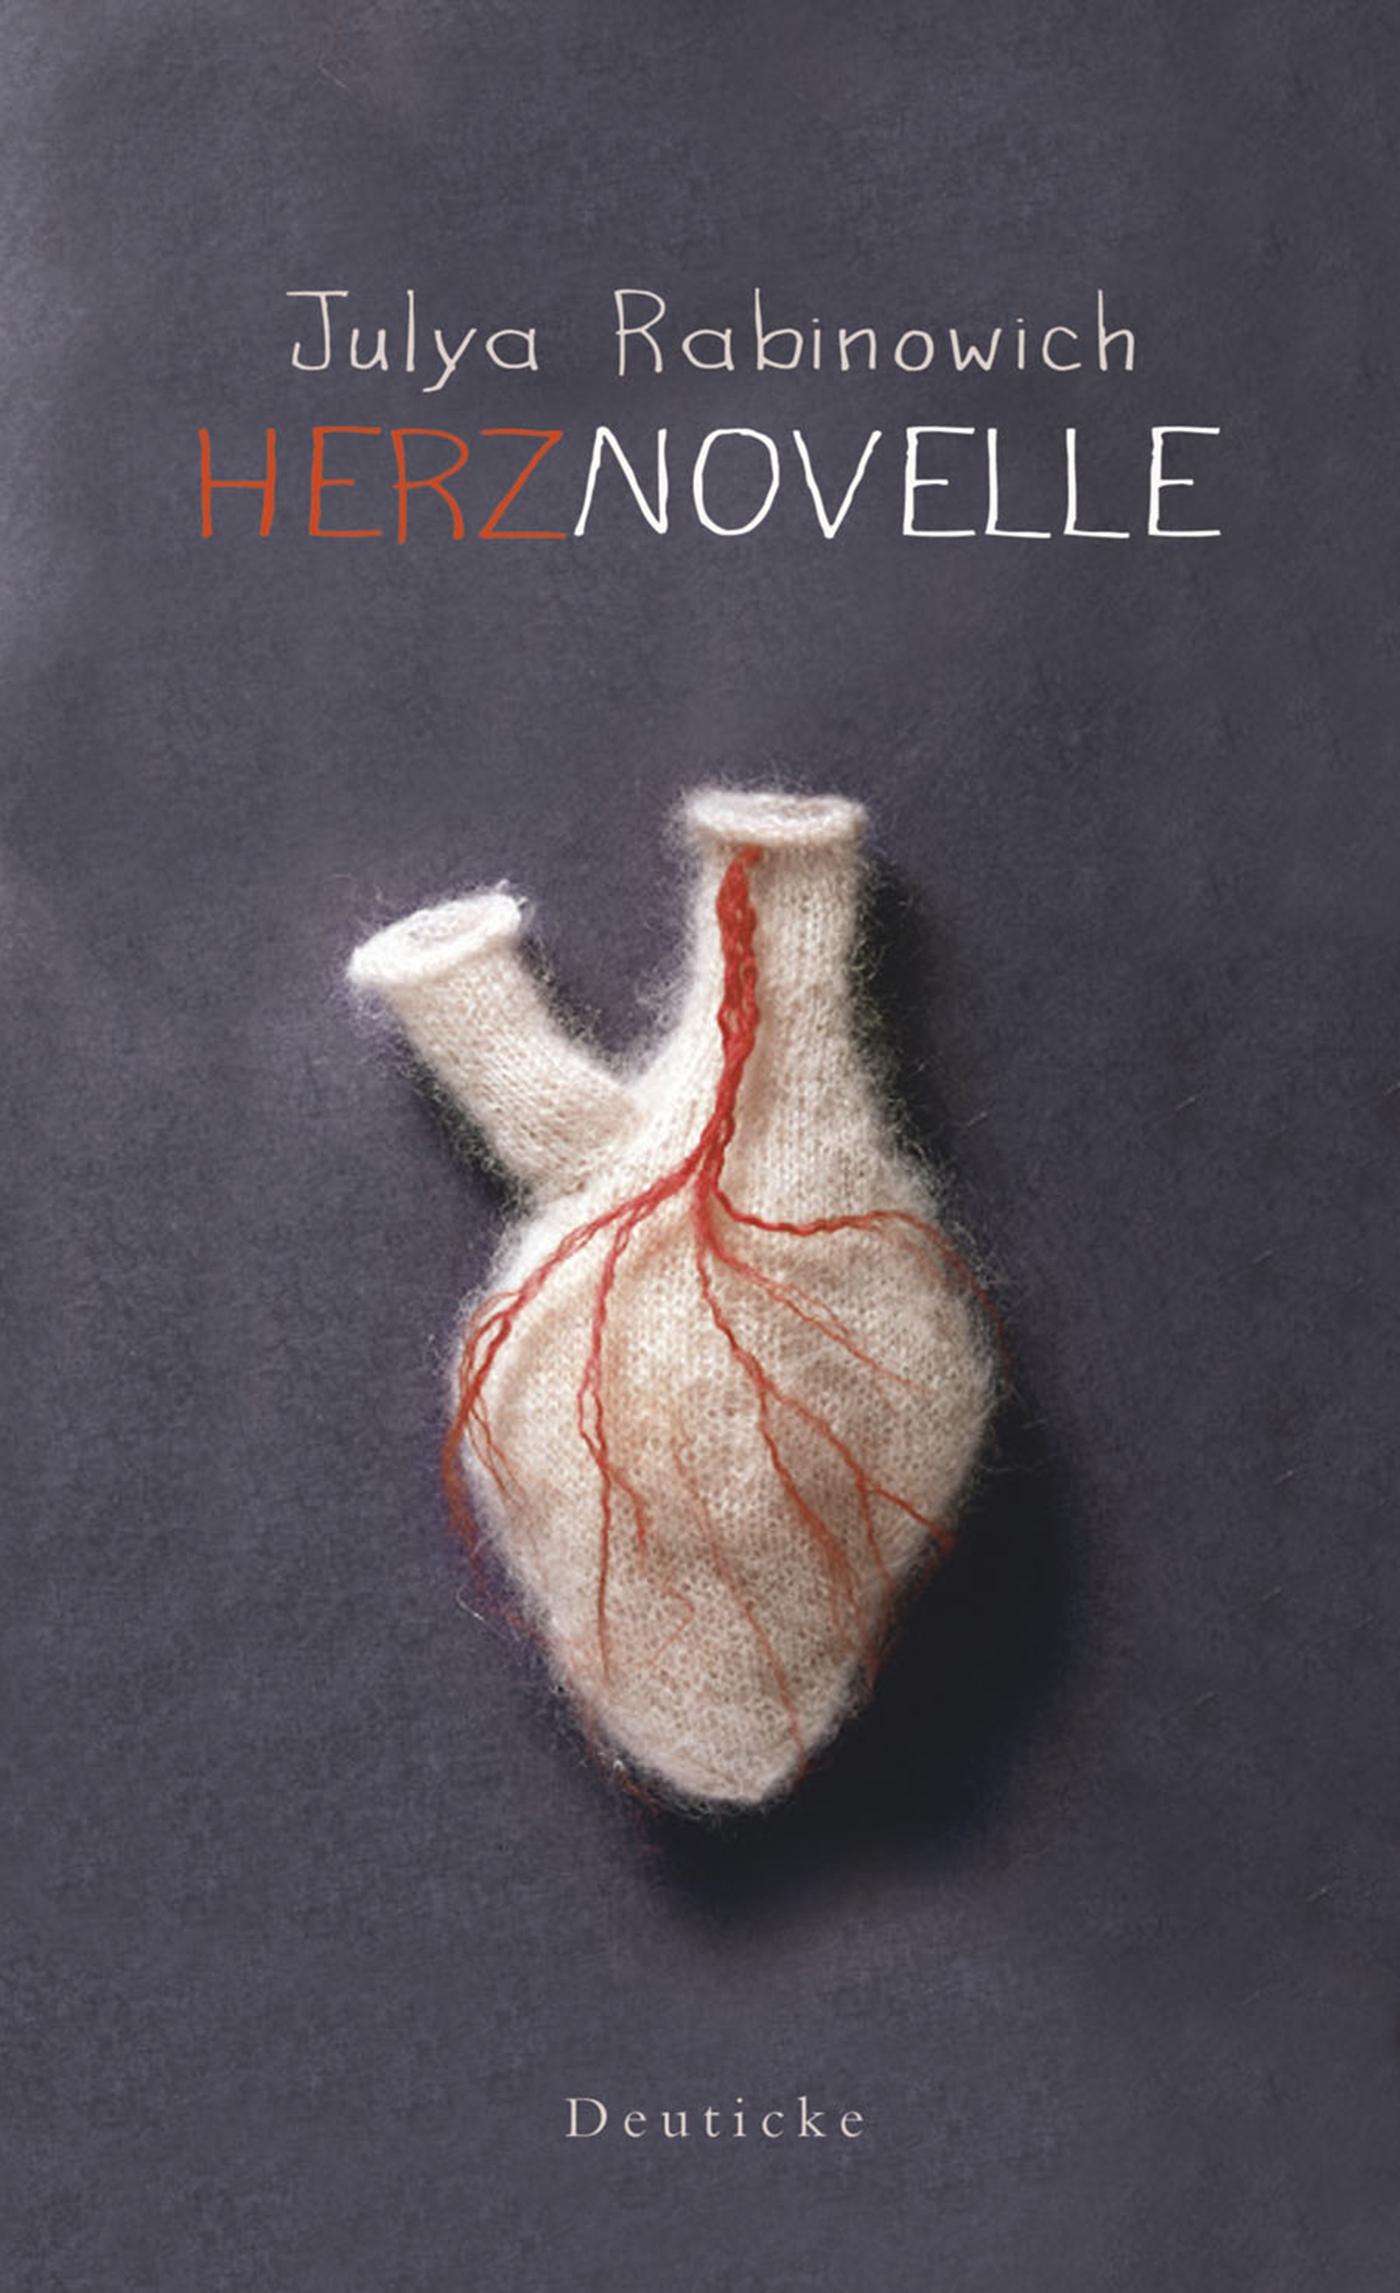 Heart Novel